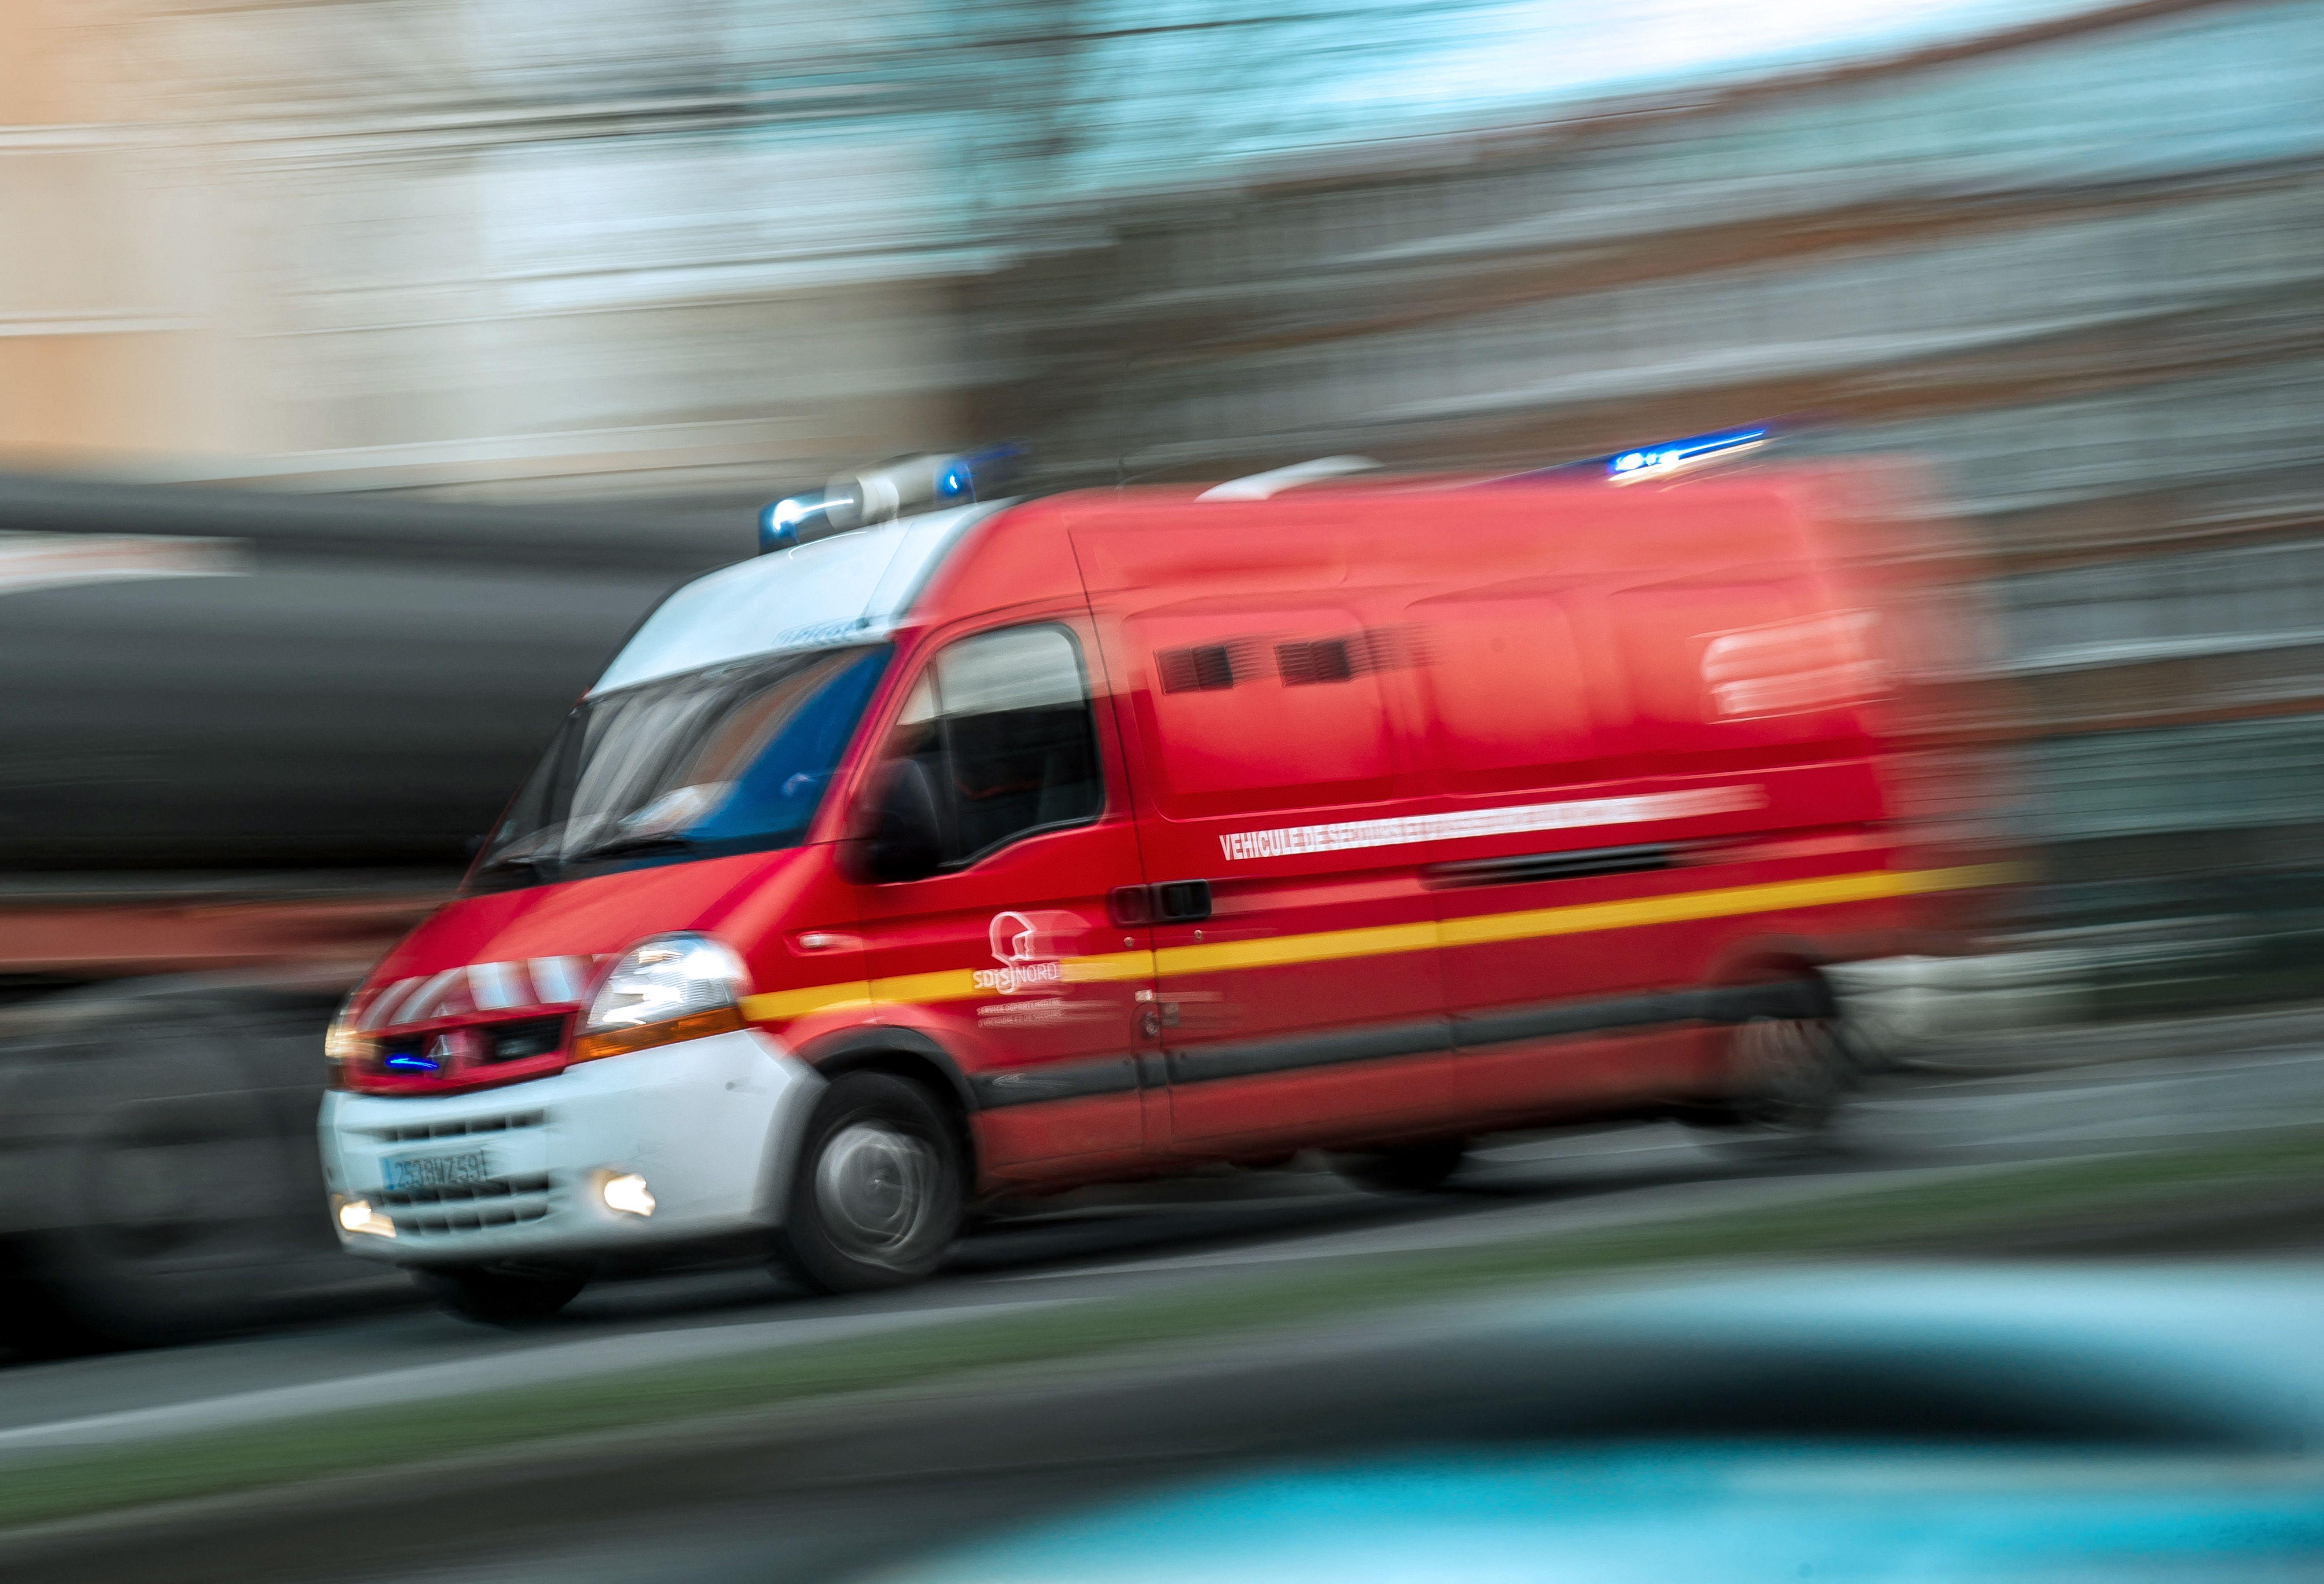 Dans la foulée des dysfonctionnements des numéros d'urgence, un enfant de deux ans et demi est décédé...